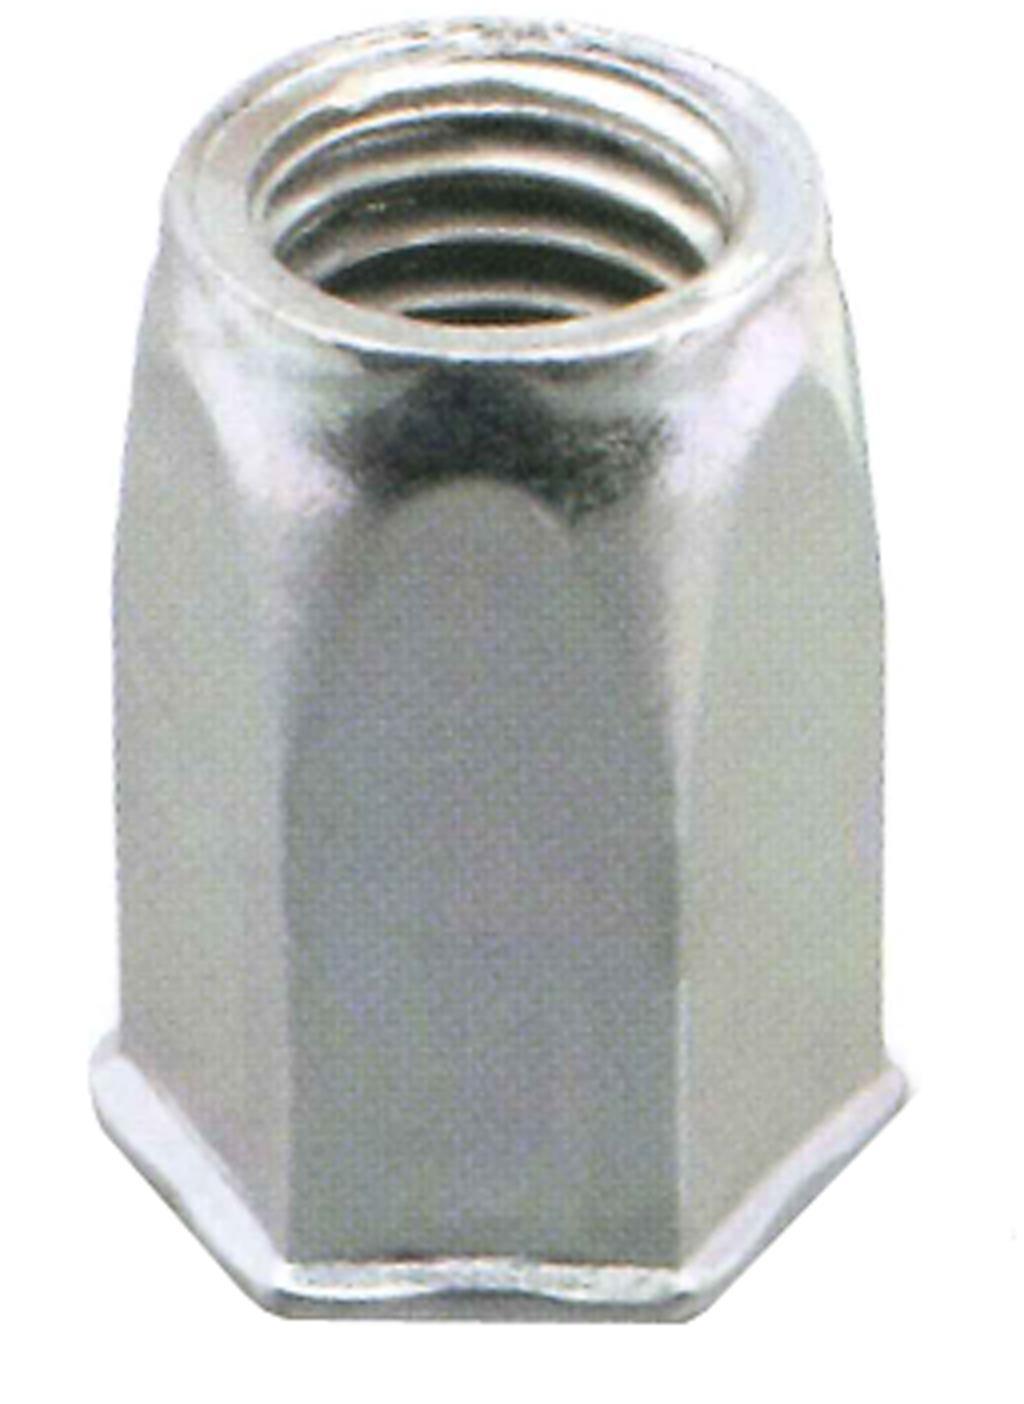 Ejot 460398 Blindnitmutter självförsänkt öppen sexkant 200-pack M6